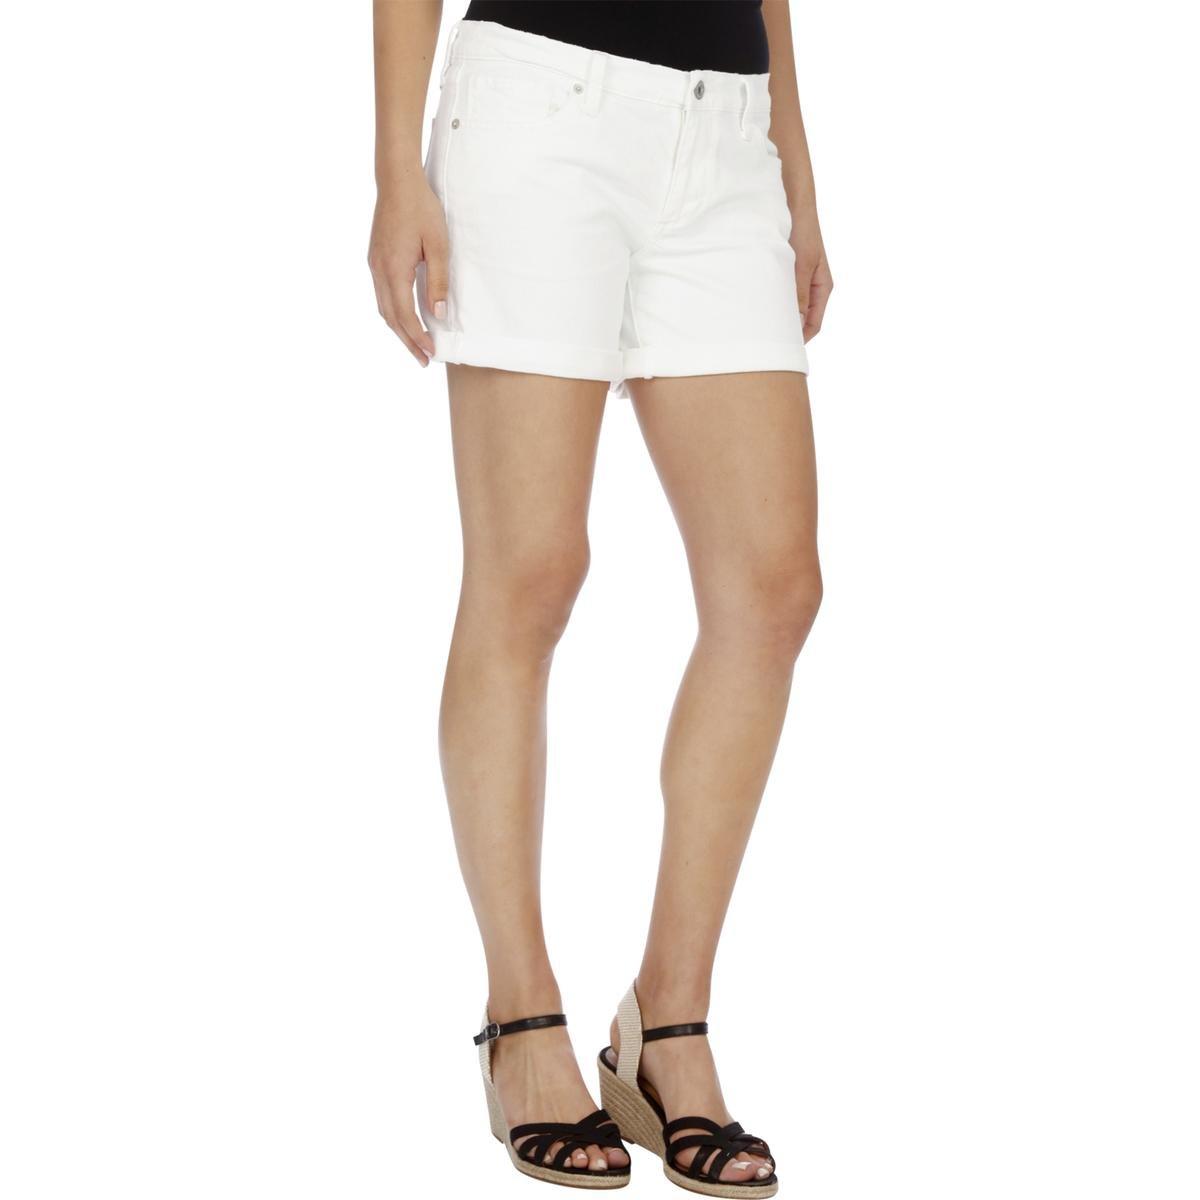 Lucky Brand Women's Denim Rollup Short, White, 32